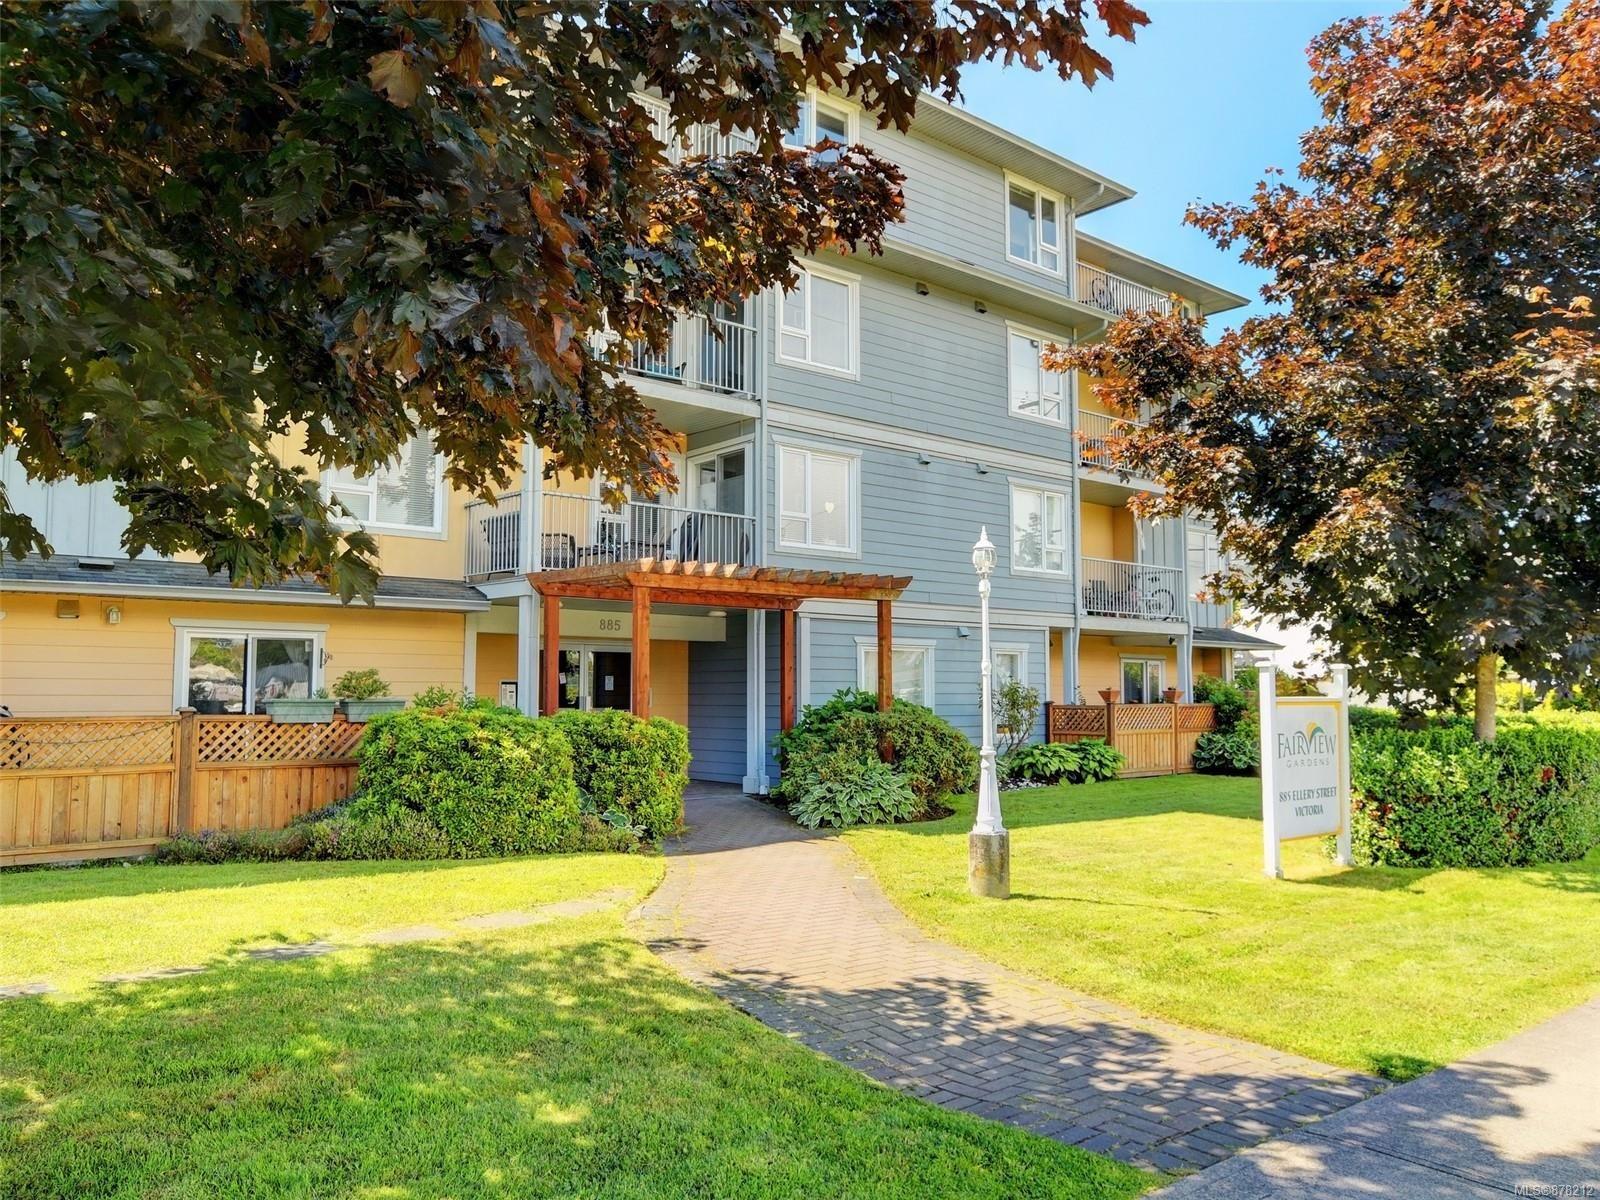 Main Photo: 402 885 Ellery St in : Es Old Esquimalt Condo for sale (Esquimalt)  : MLS®# 878212